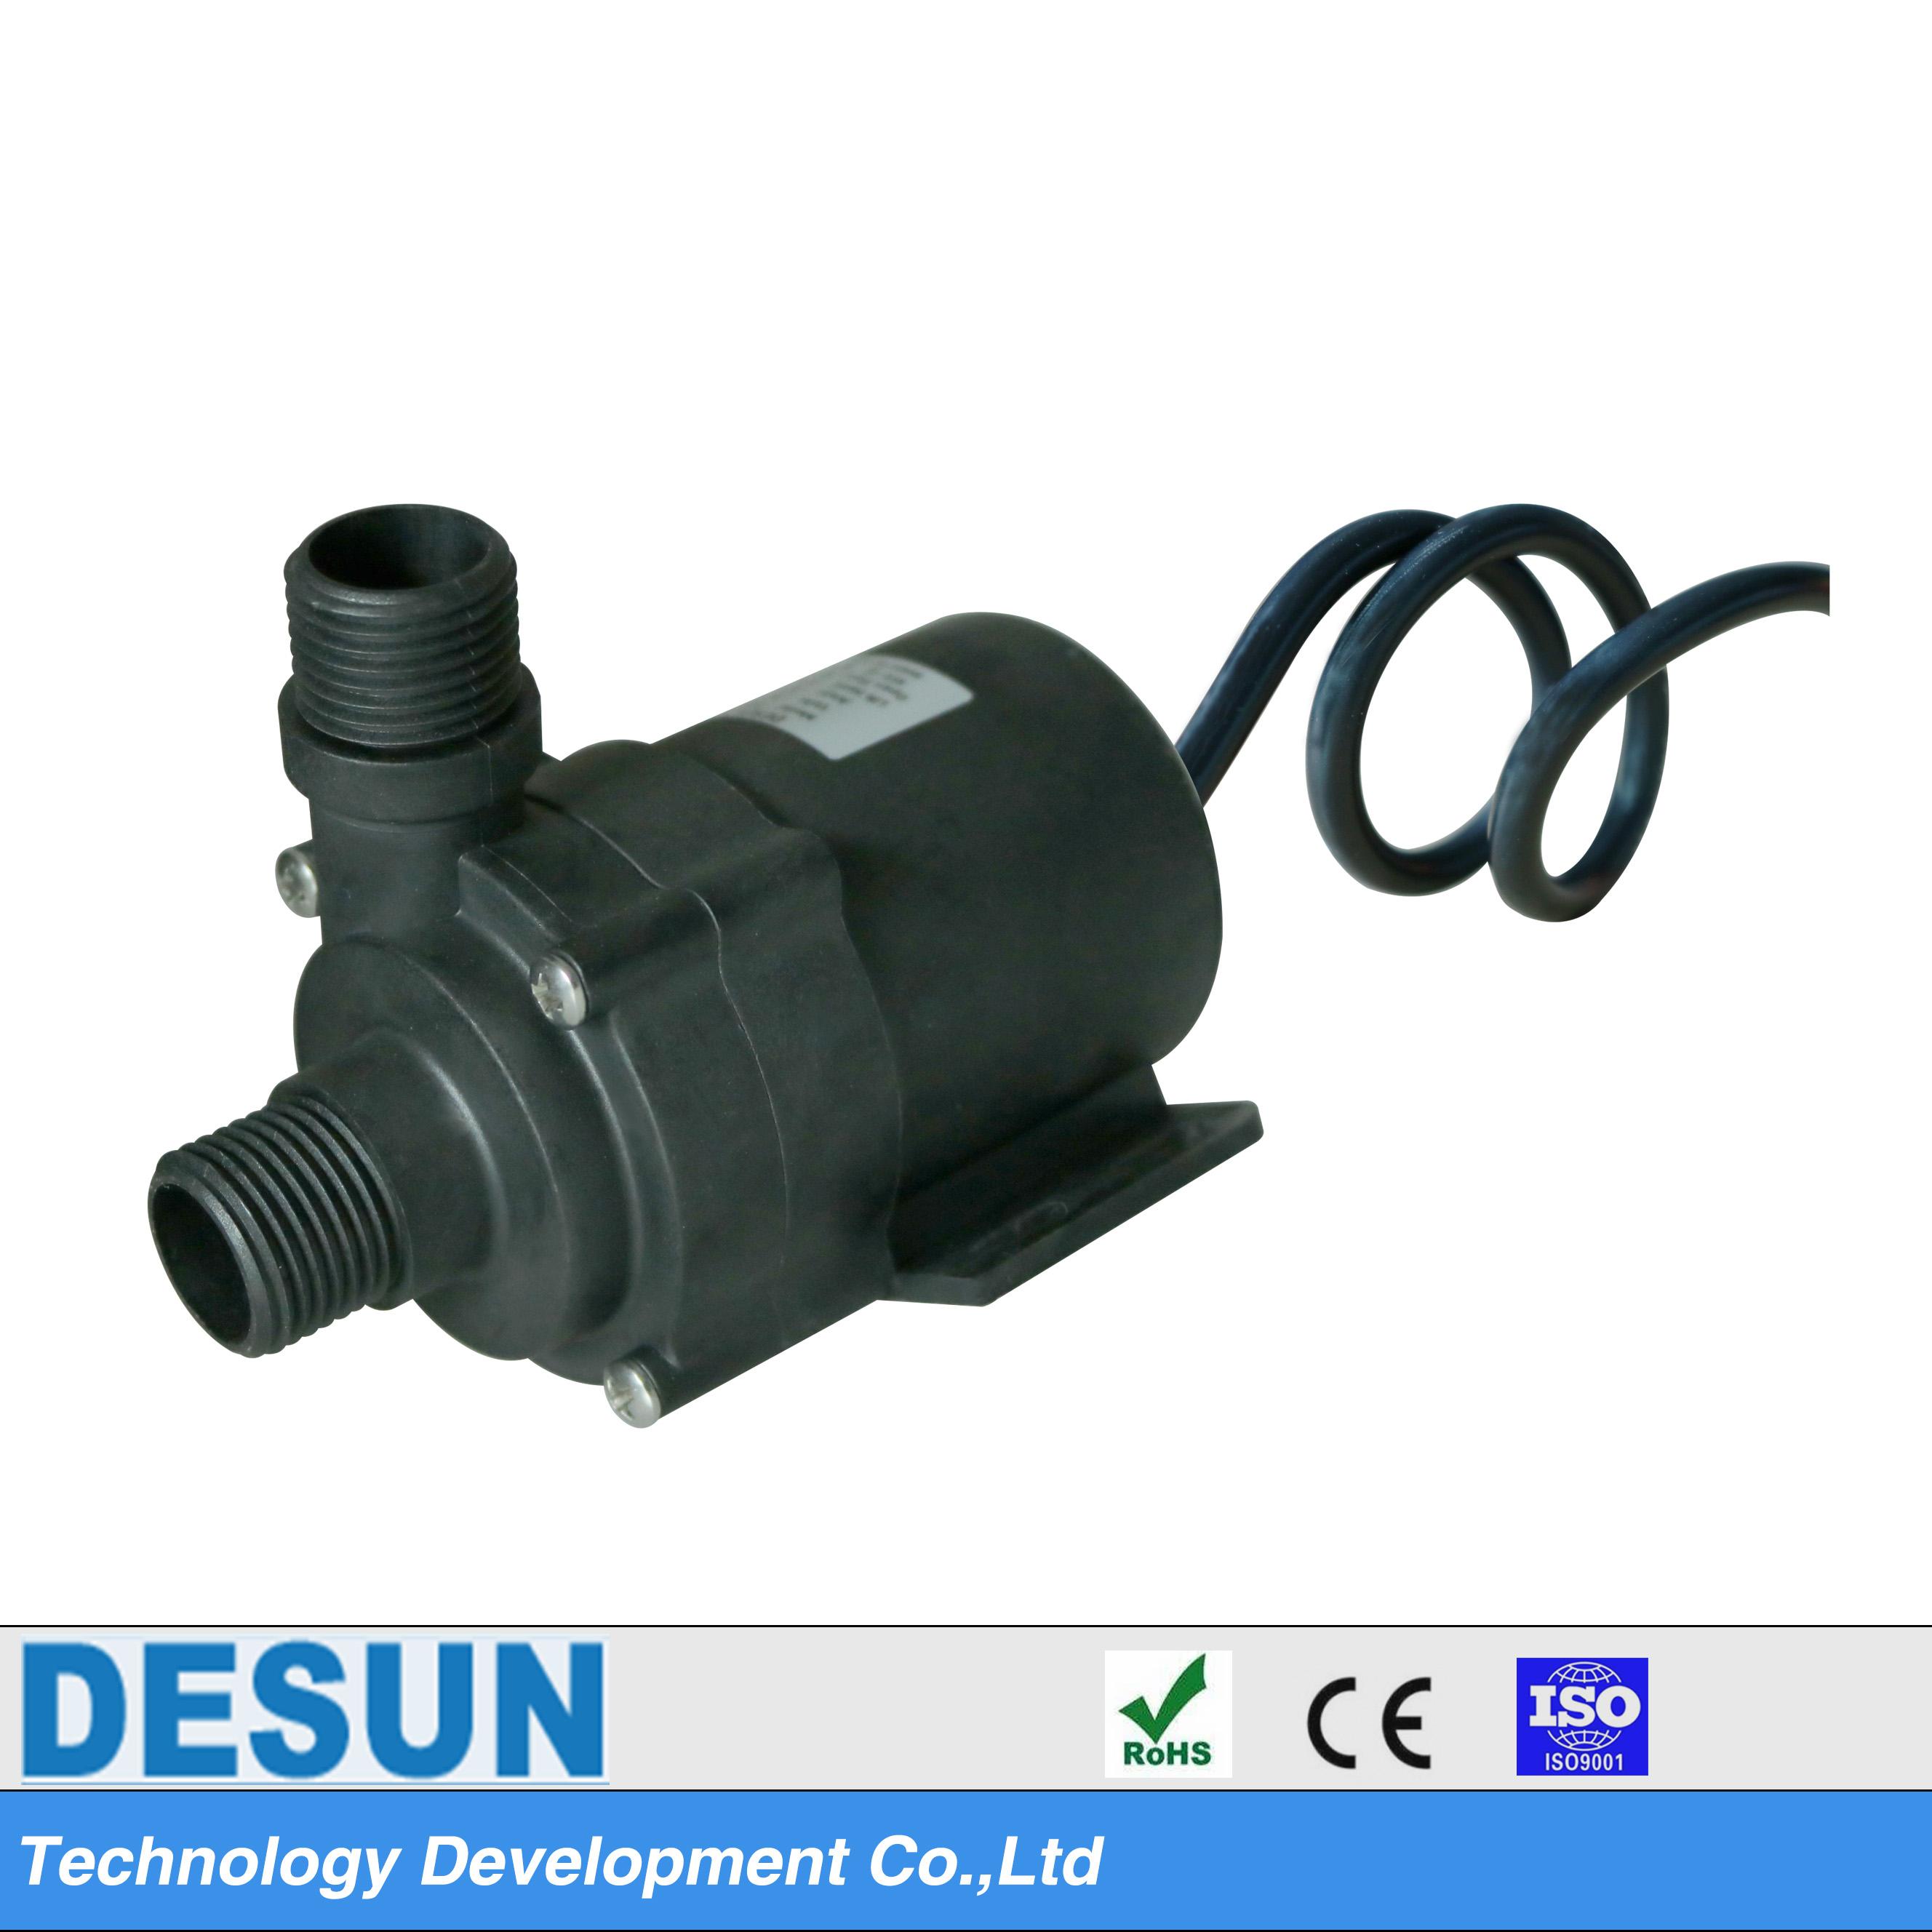 厨卫设备微型水泵DS5007